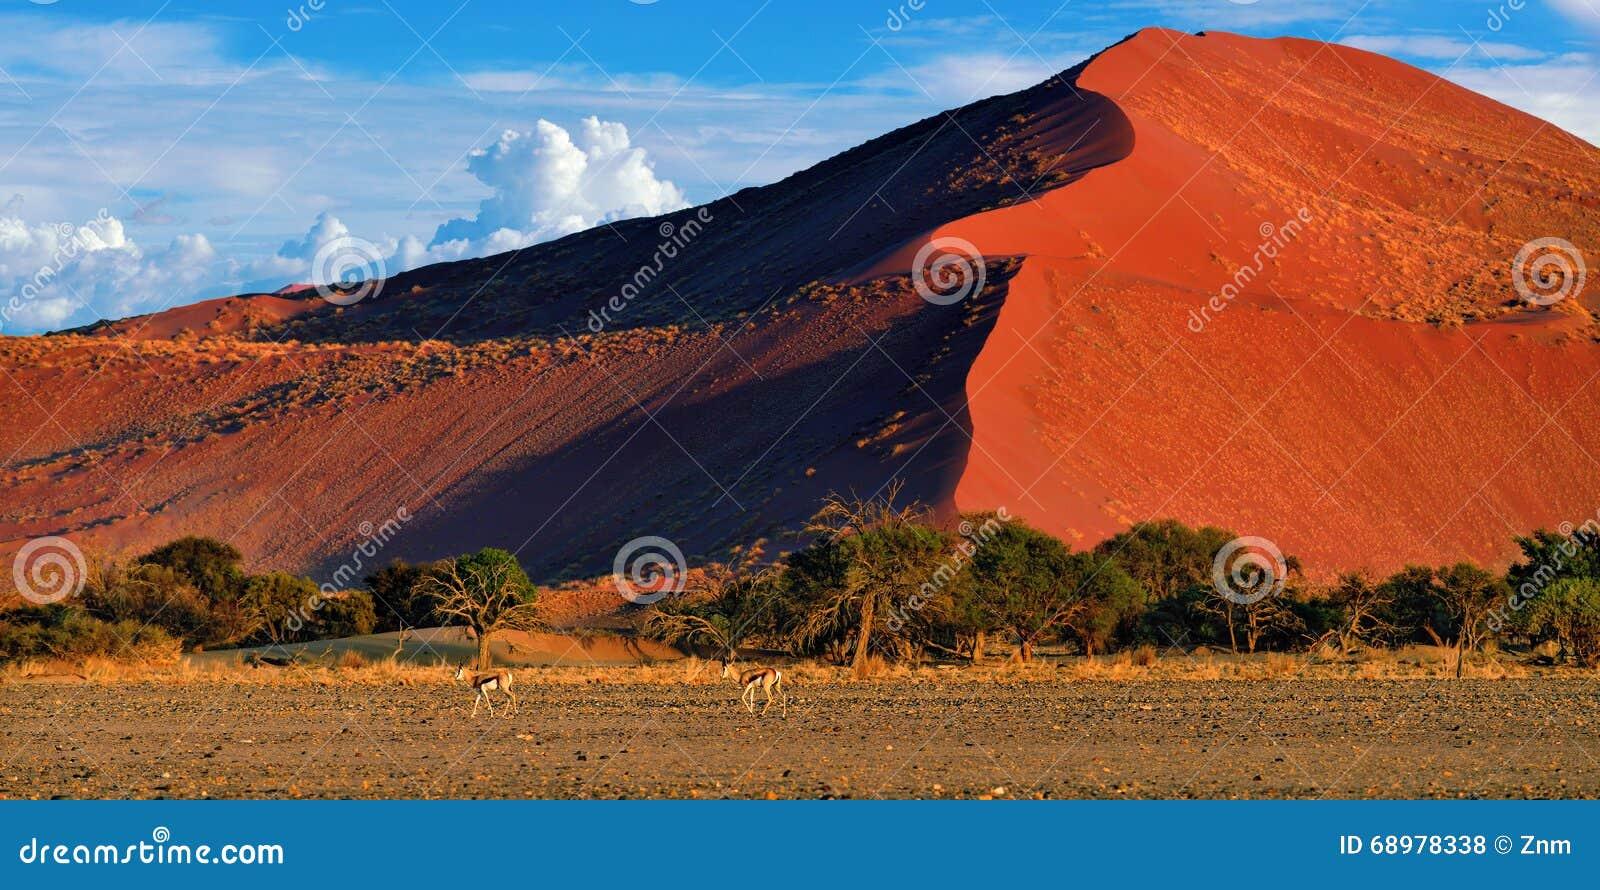 Sossusvlei, parque nacional de Namib Naukluft, Namibia